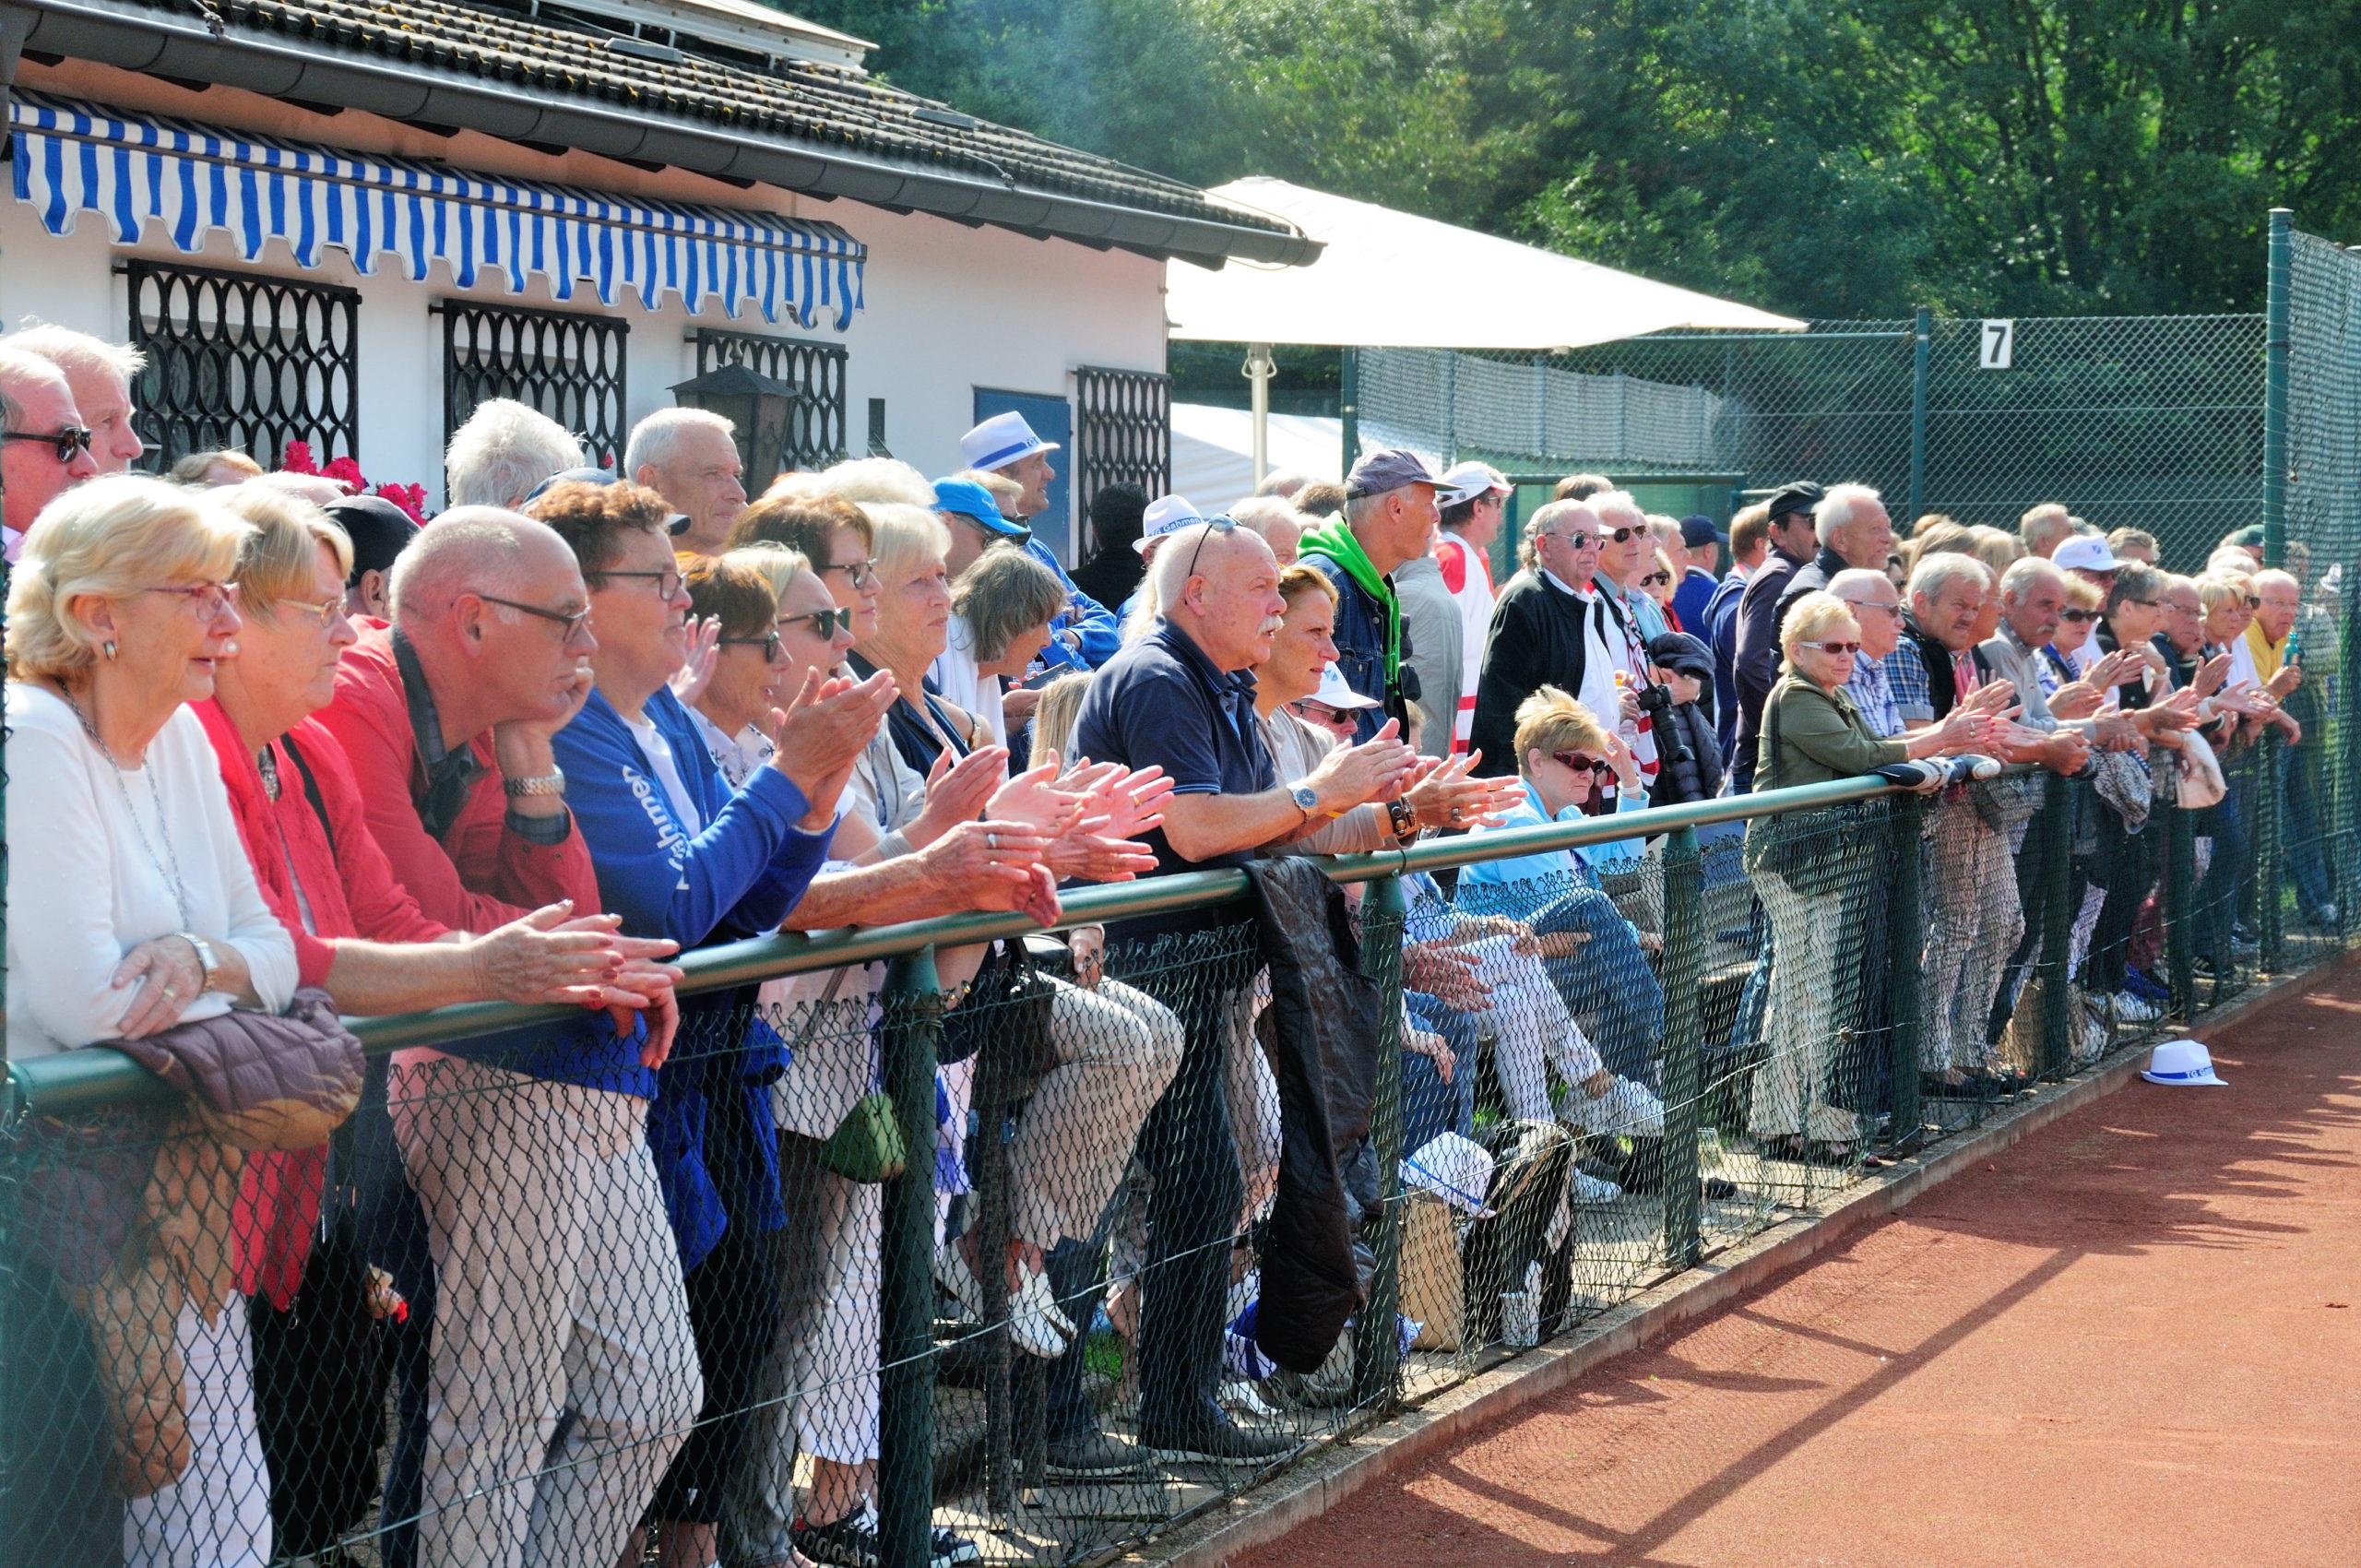 Große Spiele der Senioren 60: Am 8. und 9. September in Gahmen